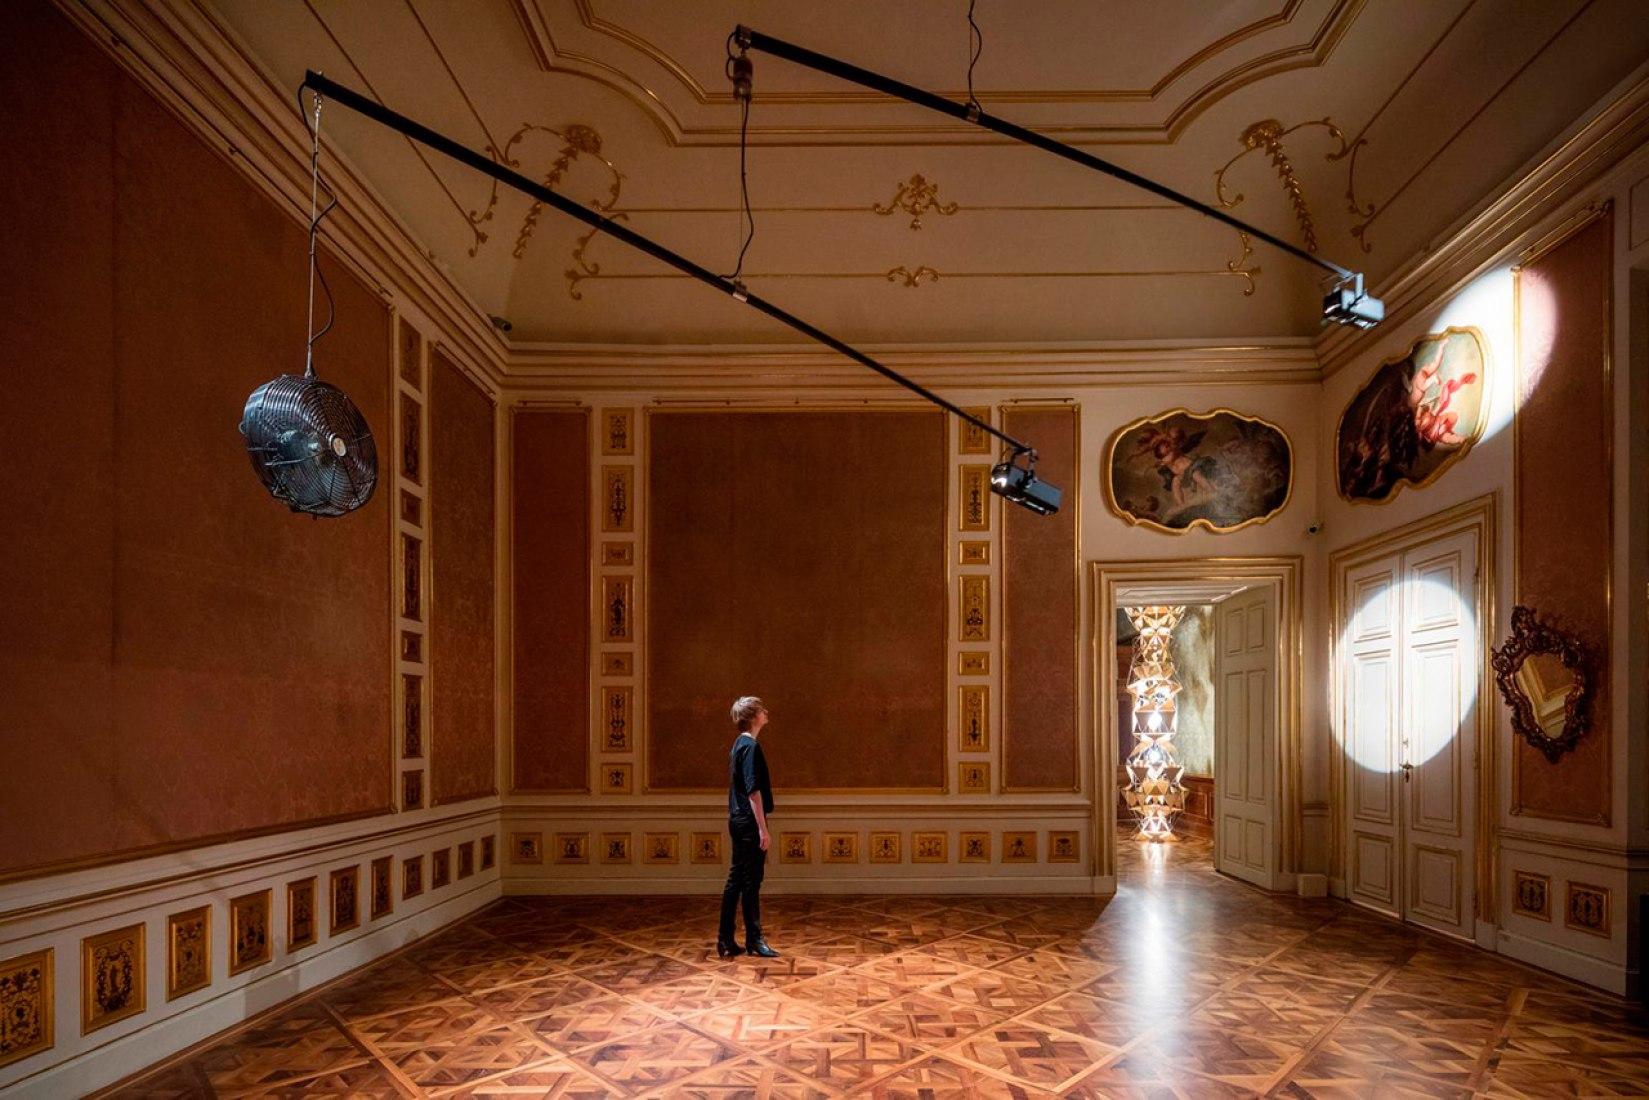 Doble ventilador móvil de luz, 2015 Palacio de Invierno del Principe Eugenio de Saboya, Viena 2015. Fotografía © Anders Sune Berg.